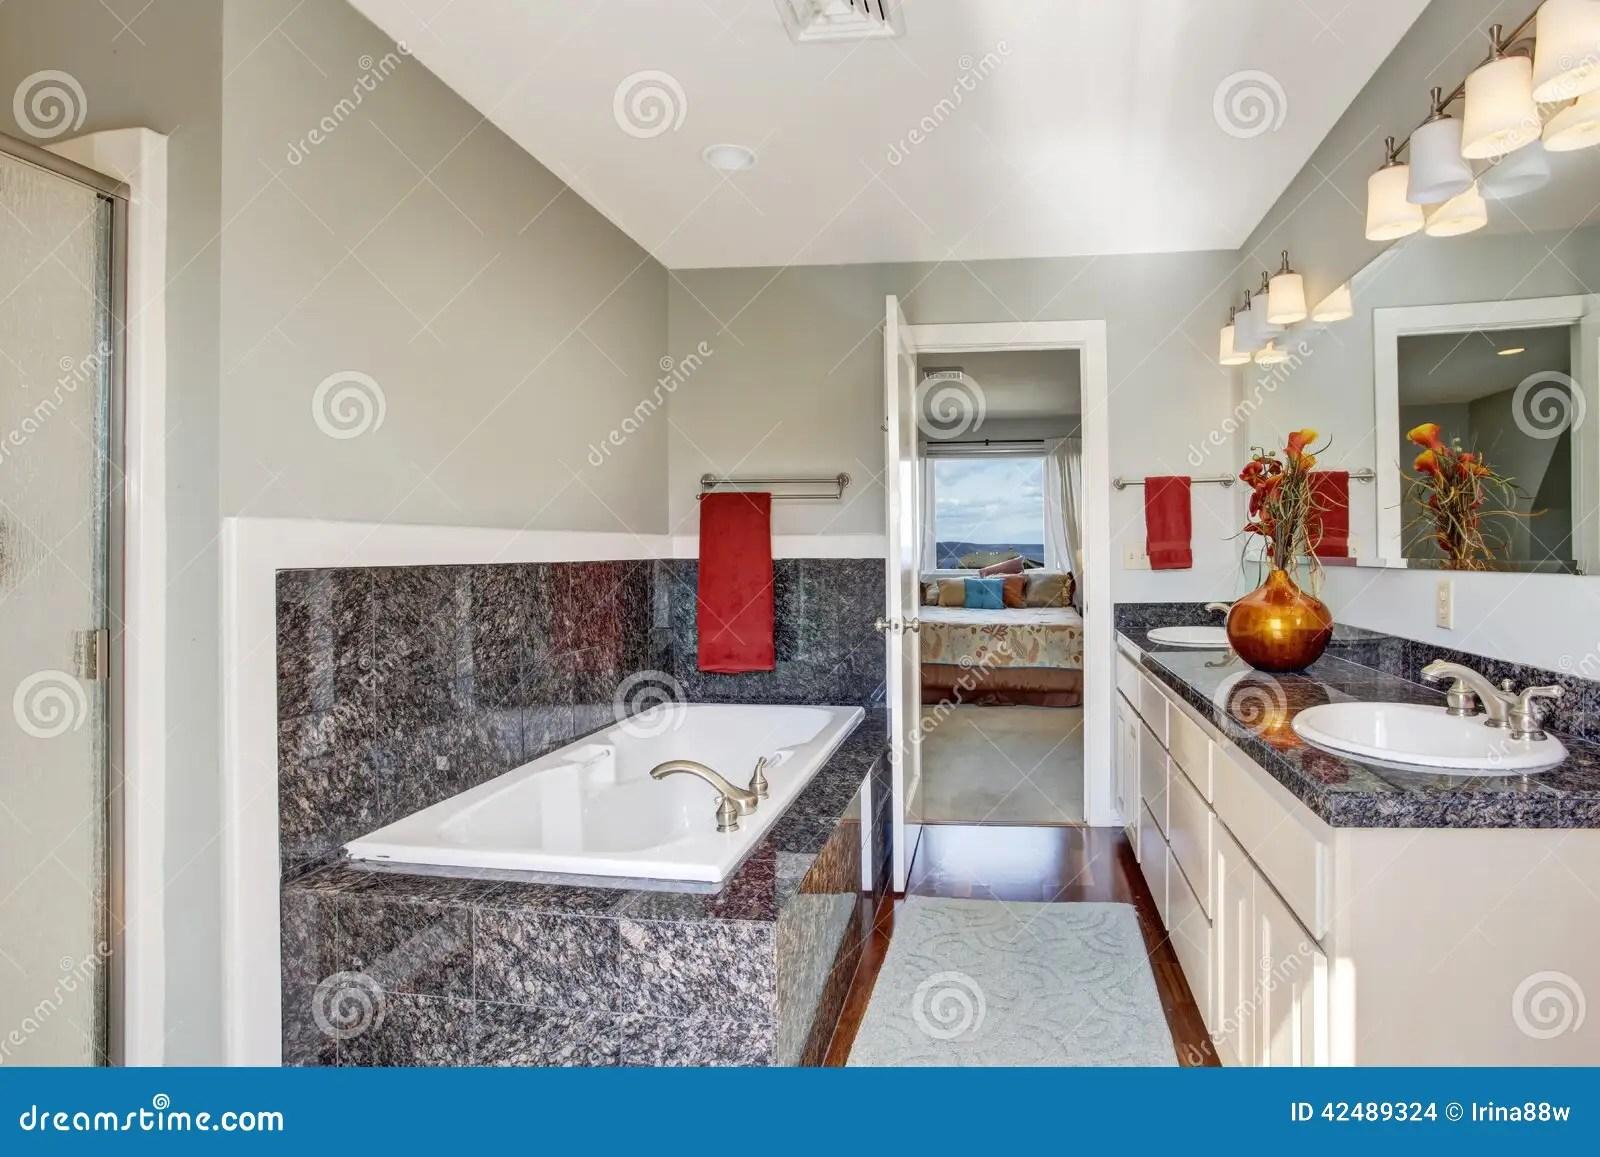 Interno Moderno Del Bagno In Camera Da Letto Principale Fotografia Stock  Immagine di hardwood